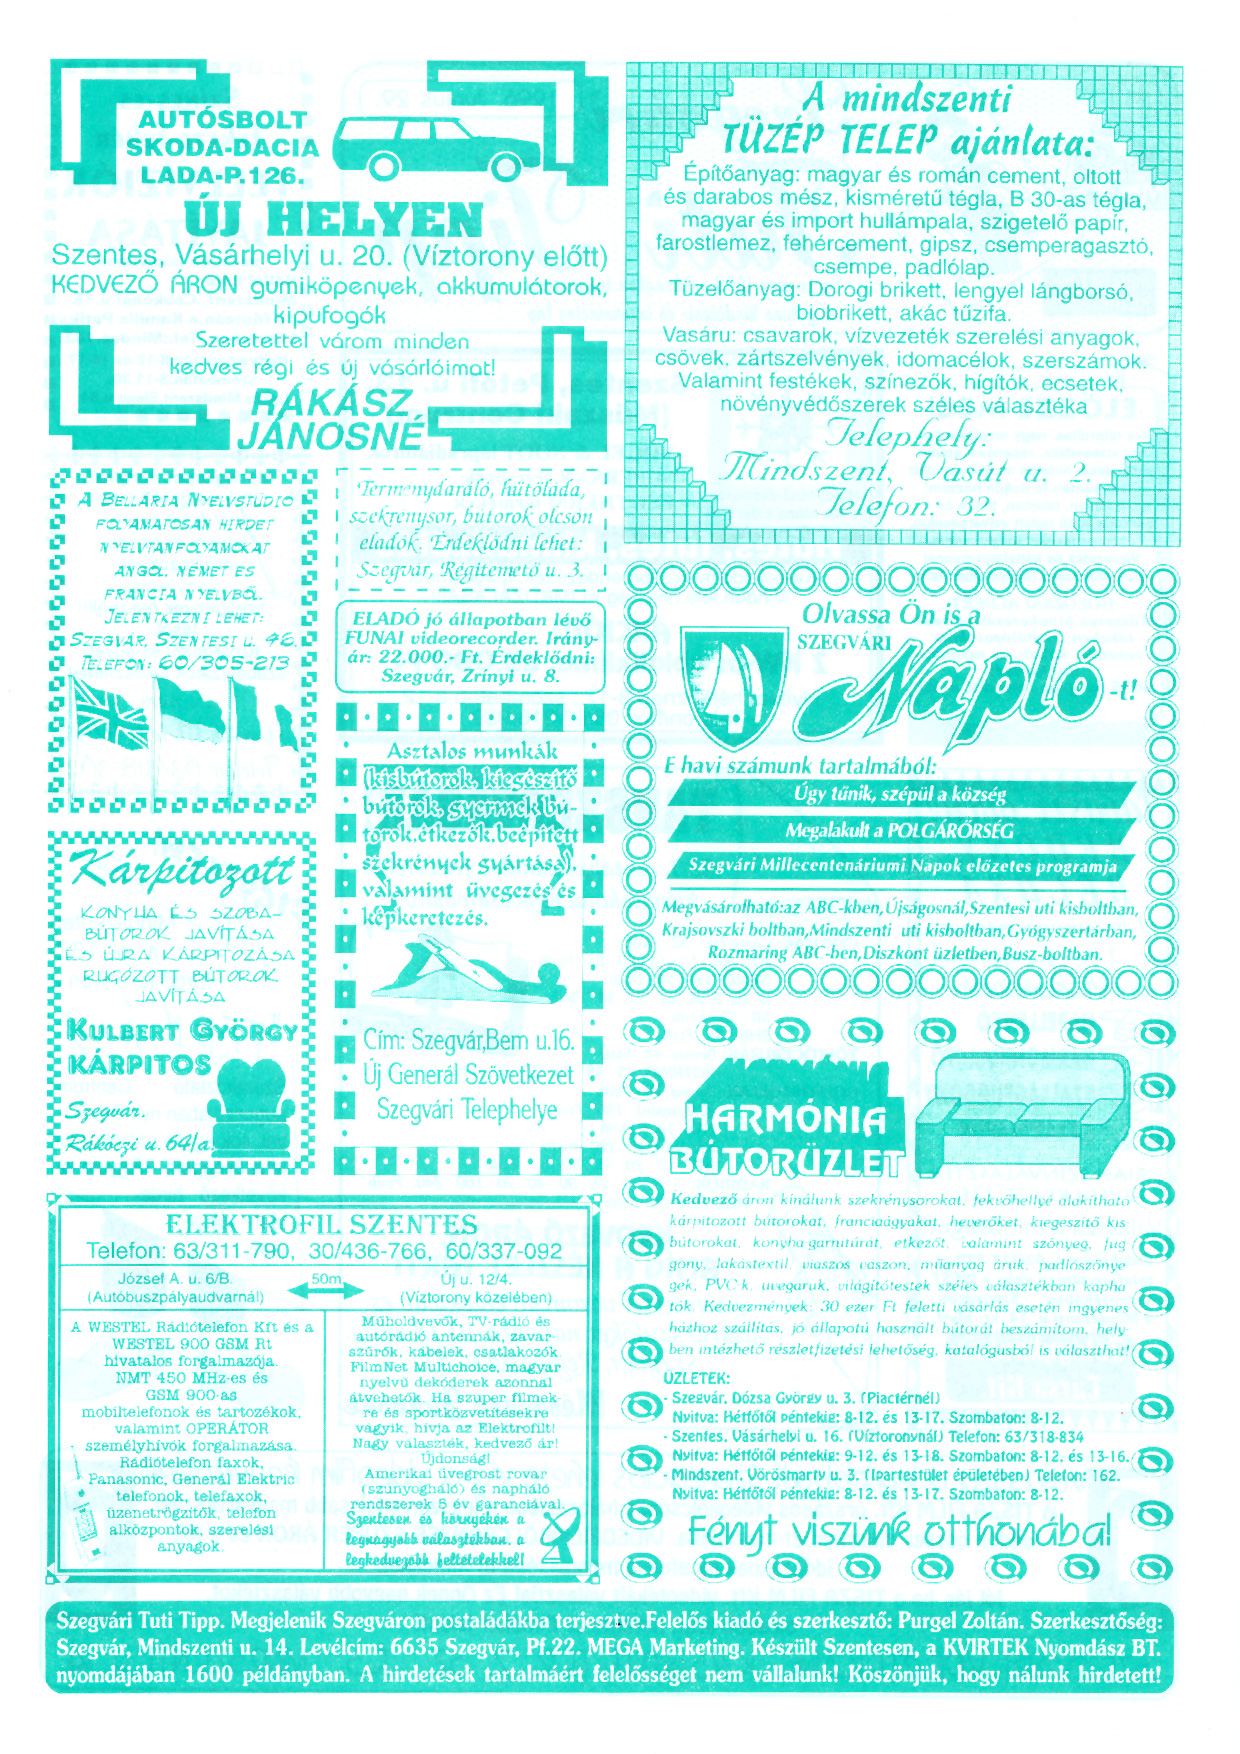 030 Szegvári Tuti Tipp reklámújság - 19960629-025. lapszám - 2.oldal - II. évfolyam.jpg